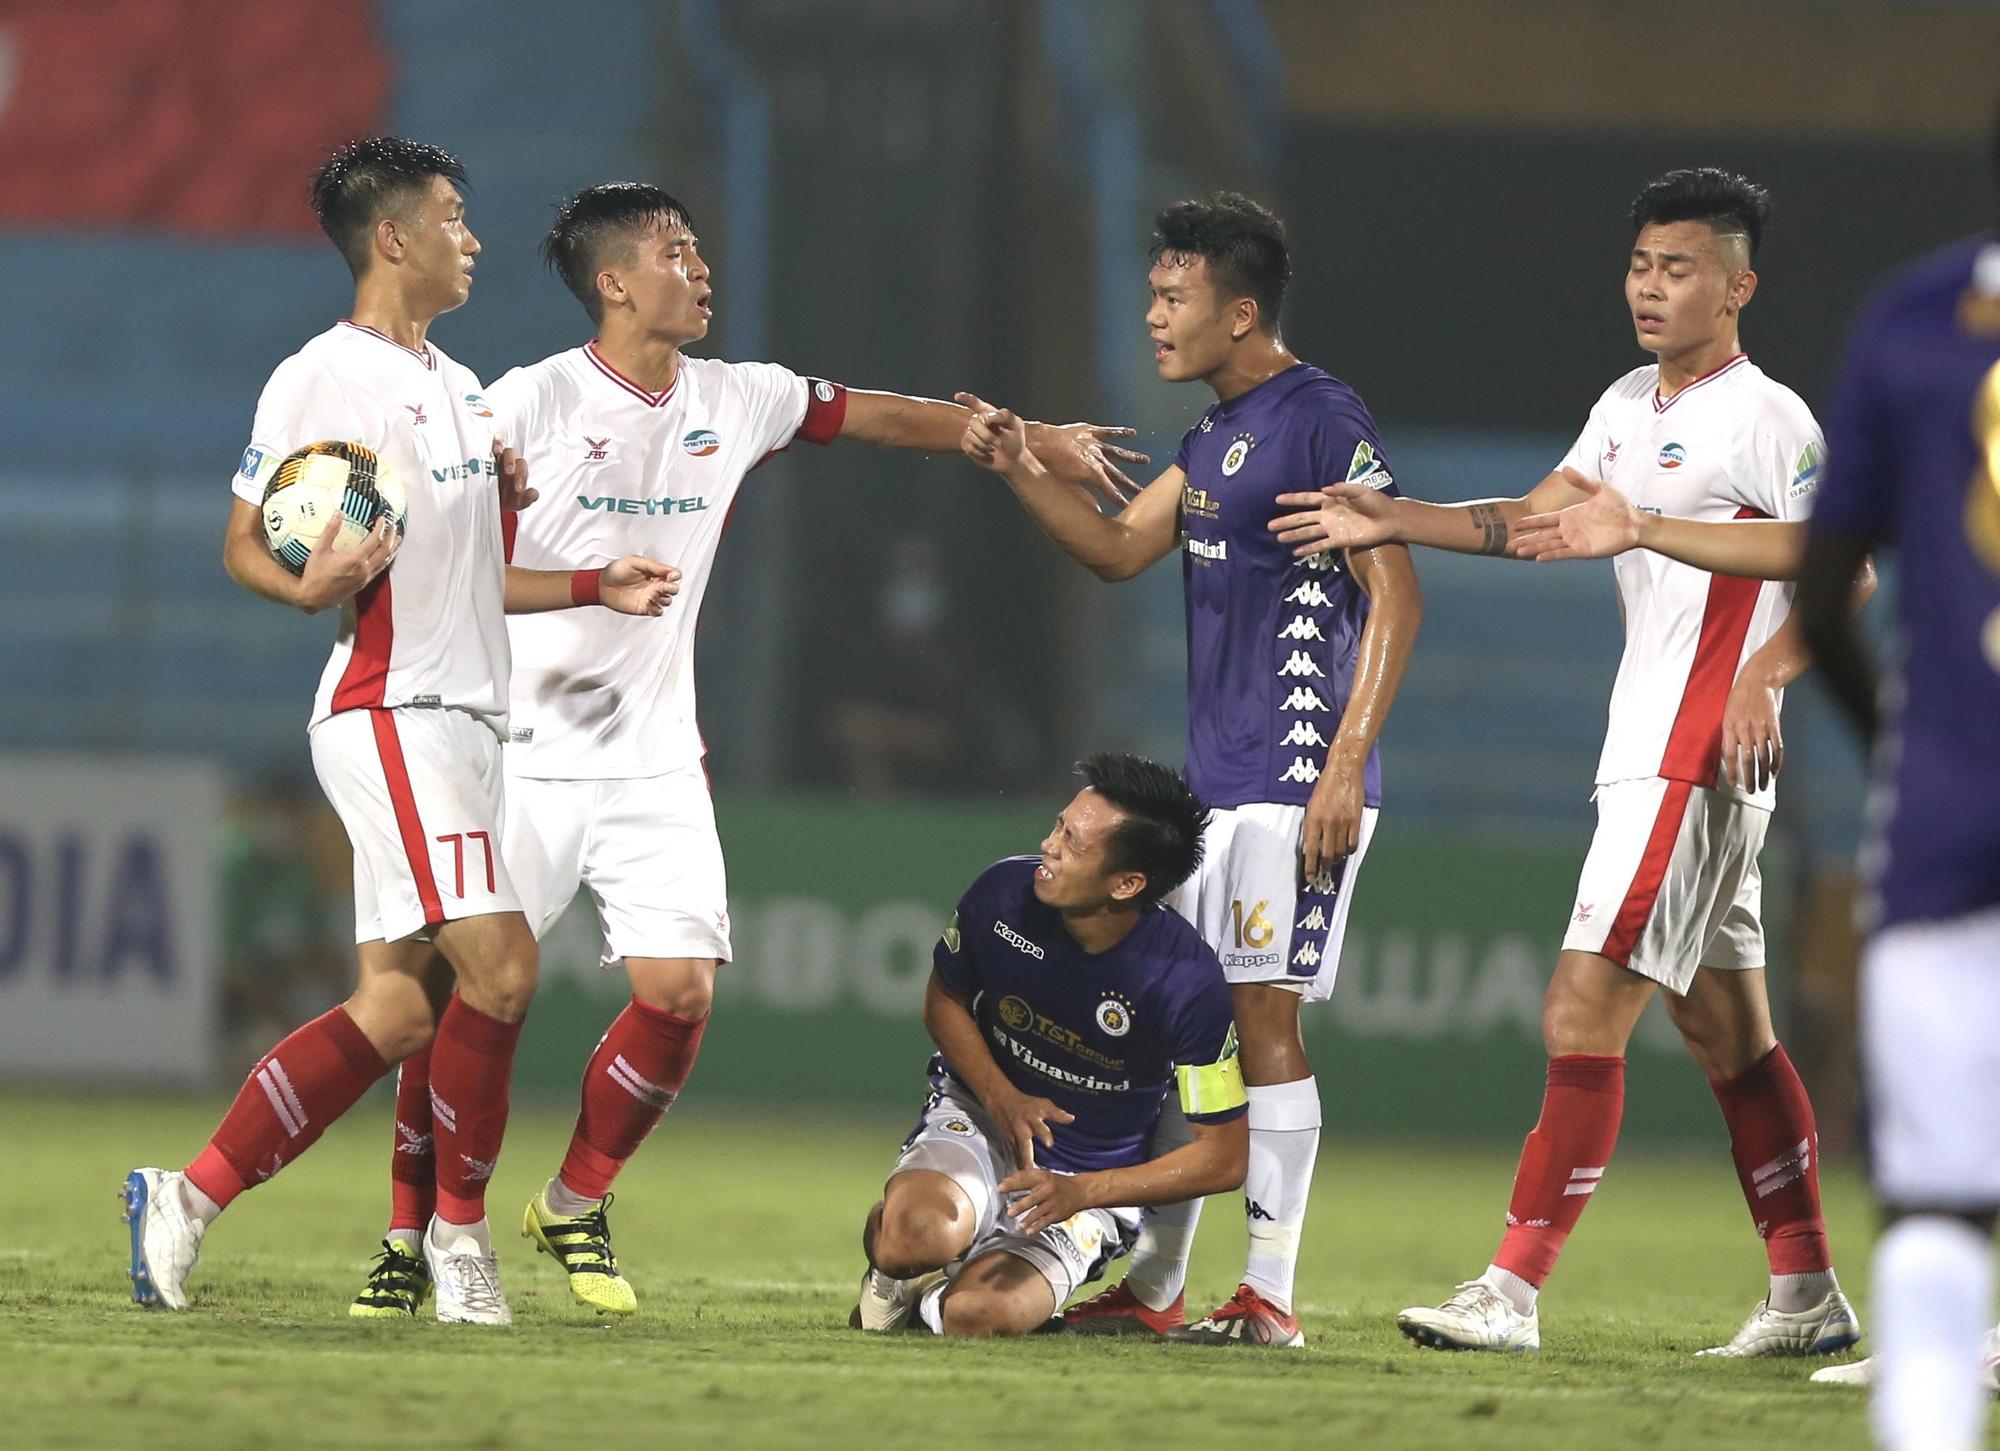 """Quang Hải """"nhả đạn"""", Hà Nội FC ngược dòng đoạt Cúp QG 2020 - Ảnh 1."""